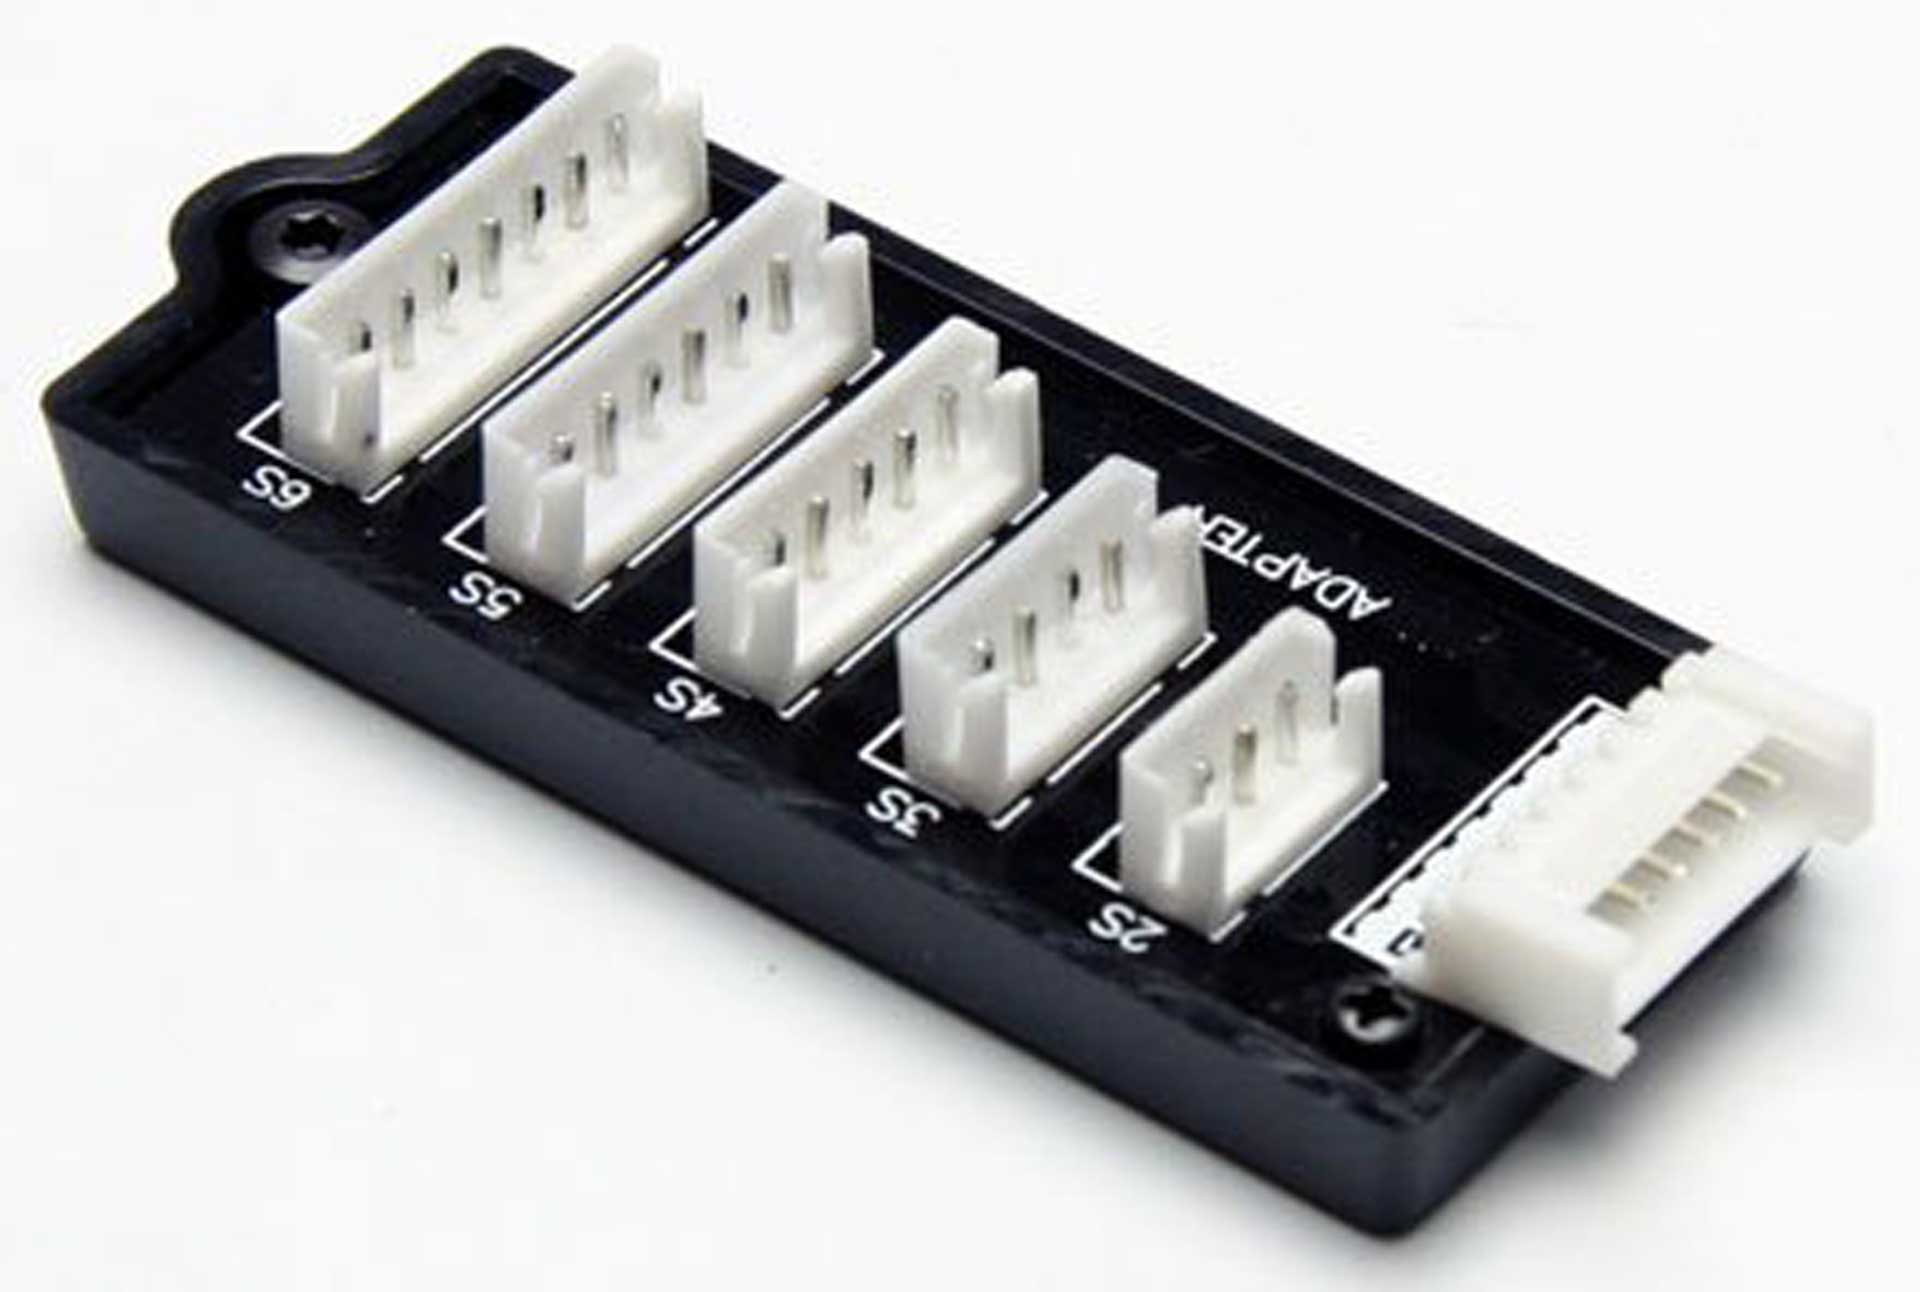 MODELLBAU LINDINGER Balancer Adapter EH